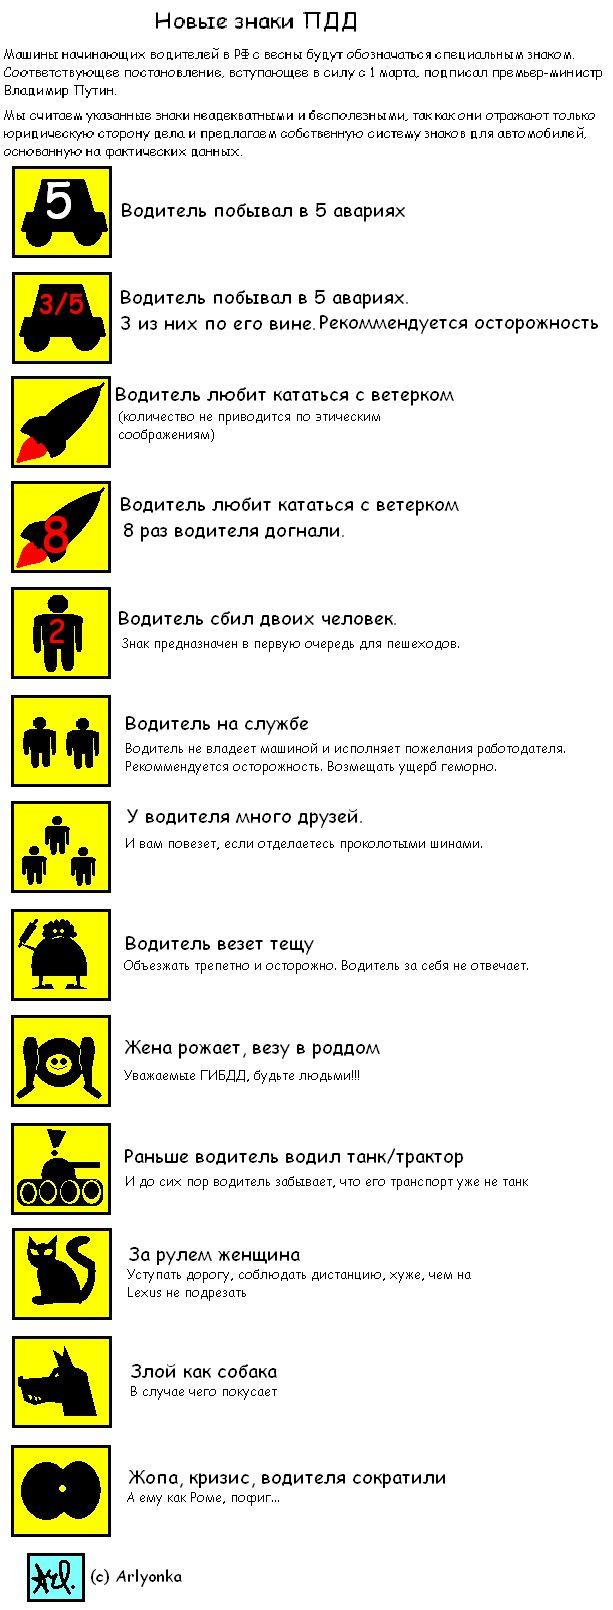 Новые дорожные знаки (13 фото)